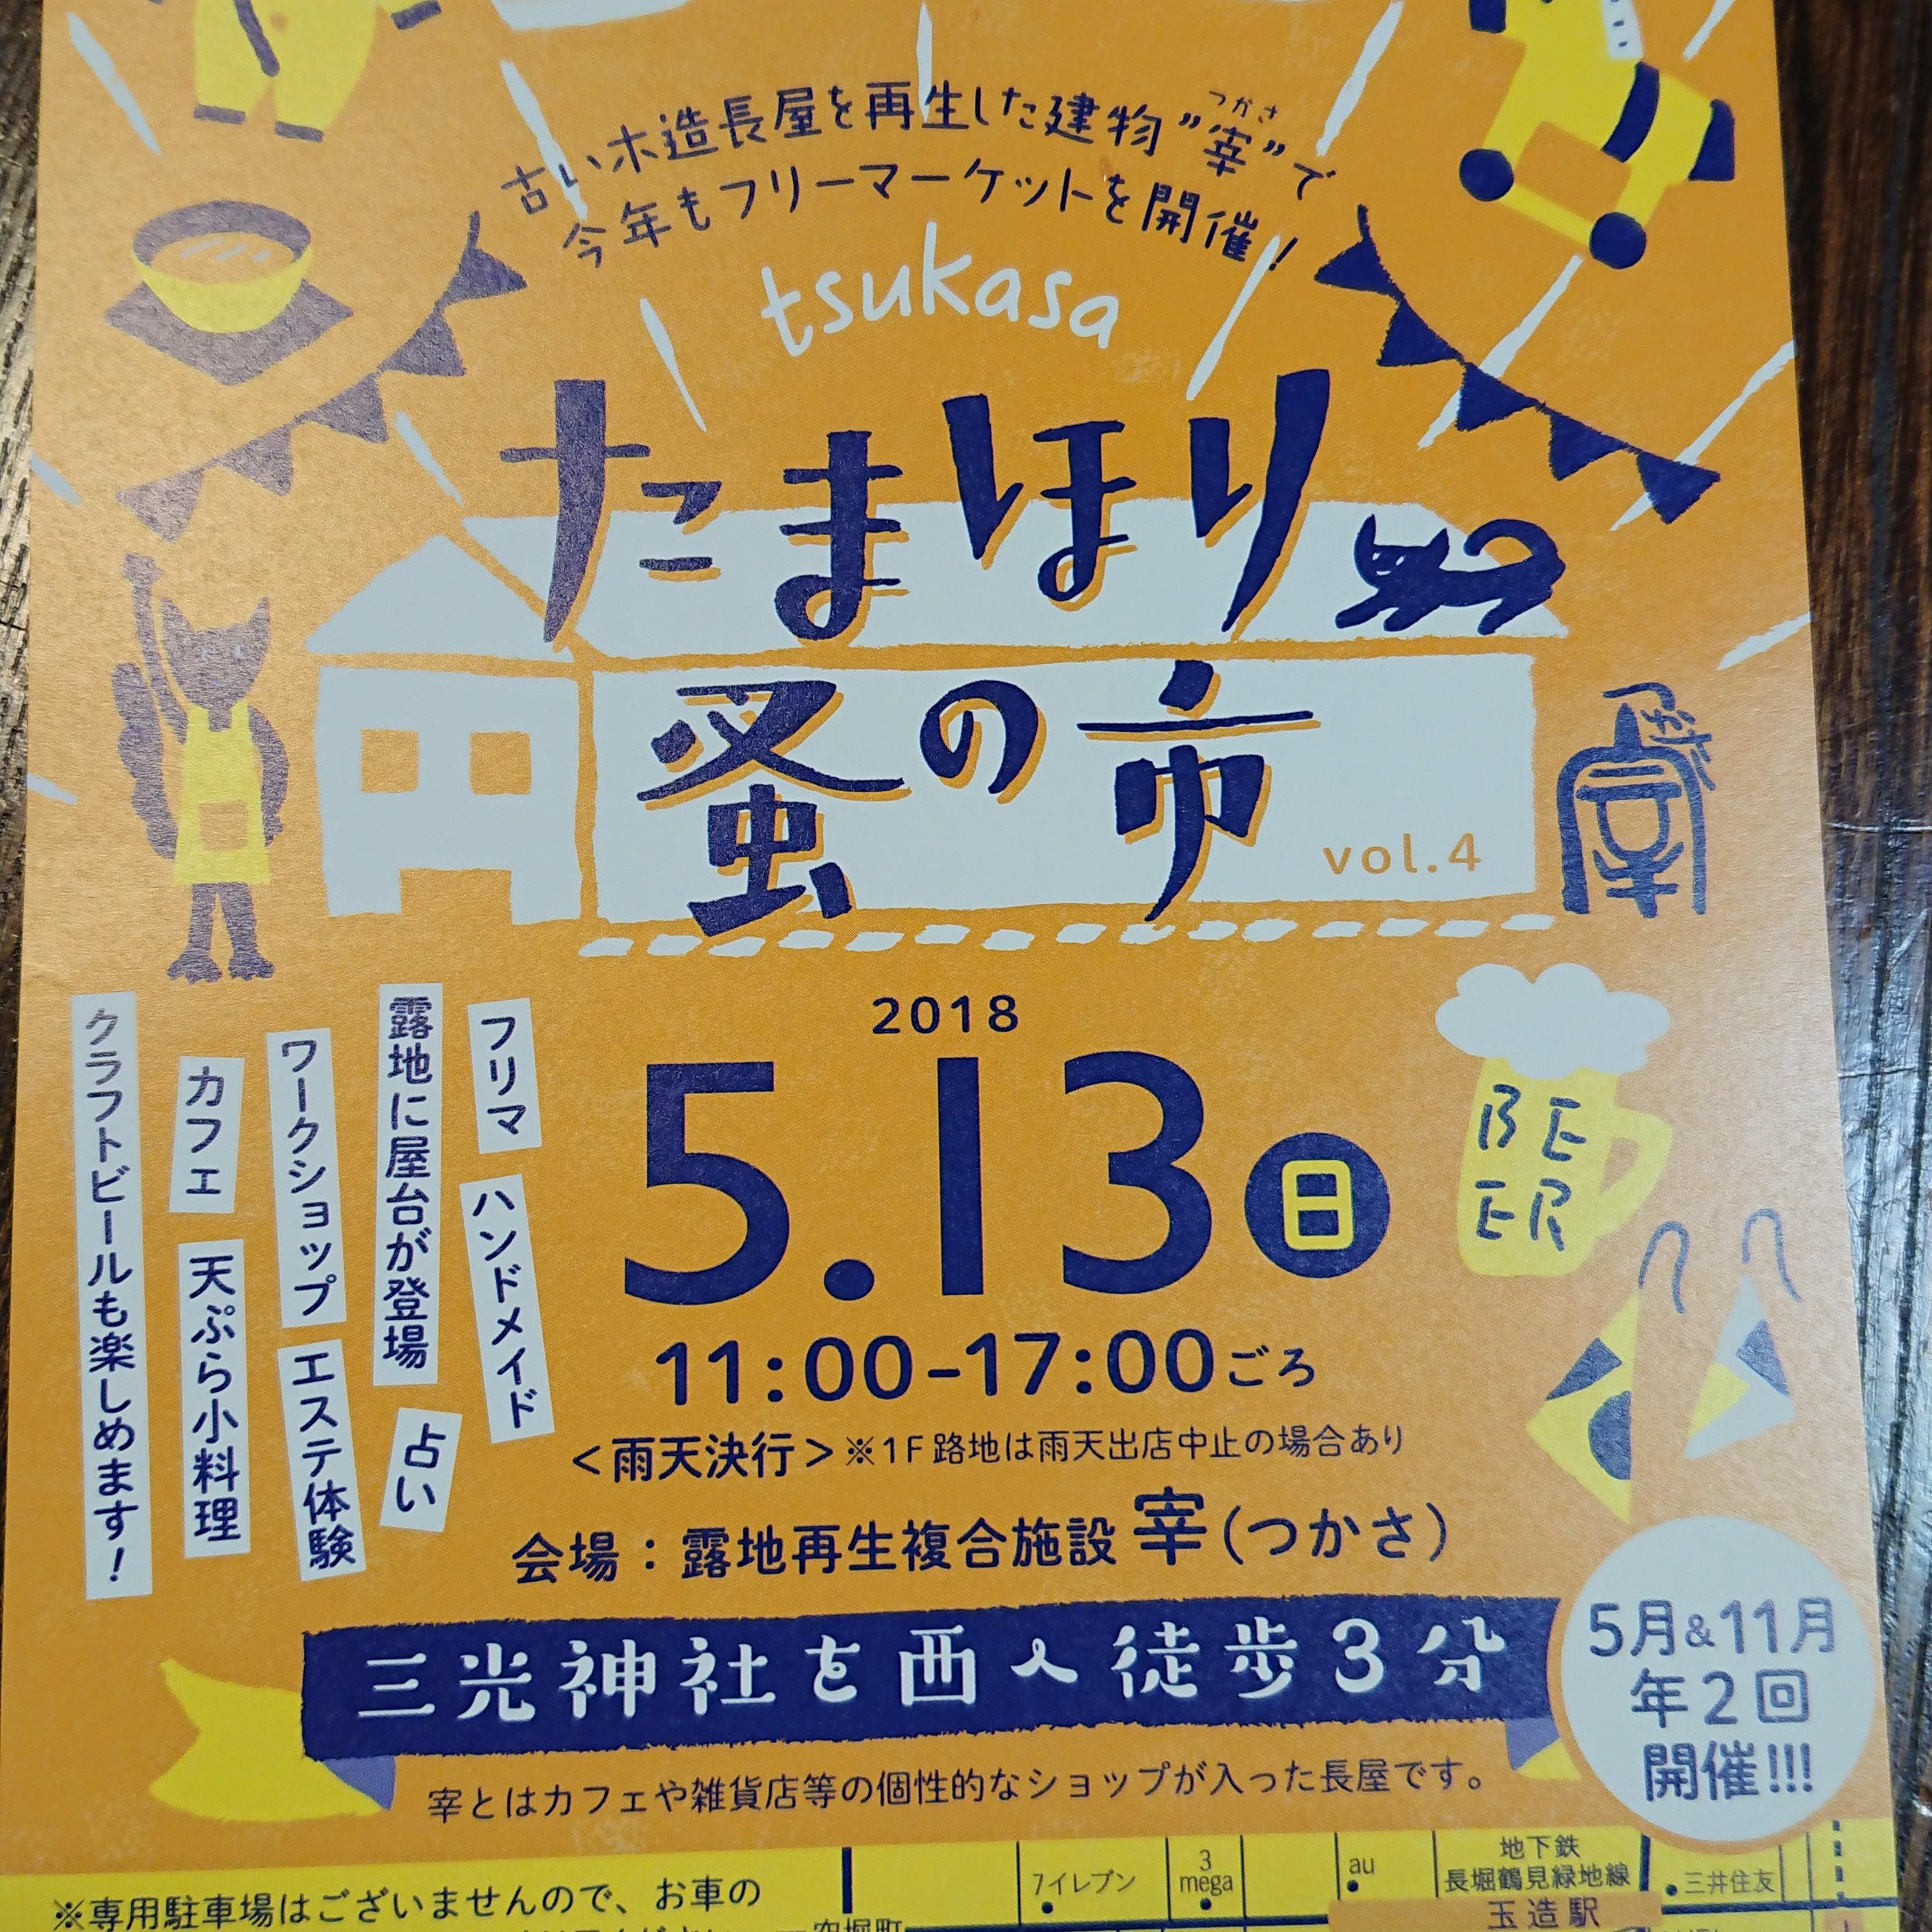 5月13日開催♪たまほり蚤の市